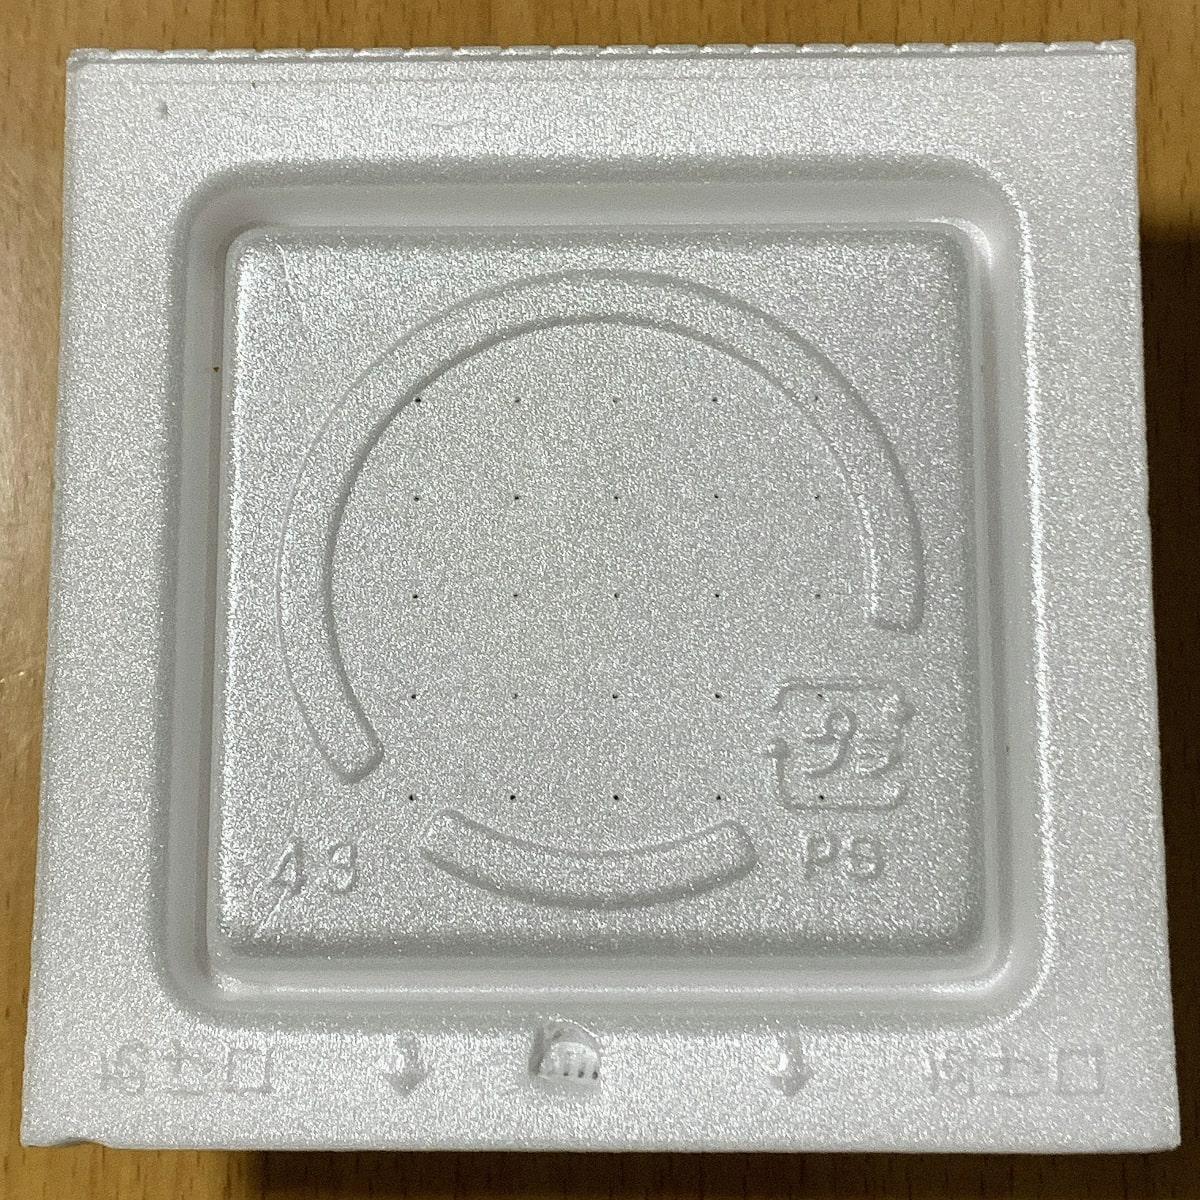 「手作りなっとく納豆」の容器の画像